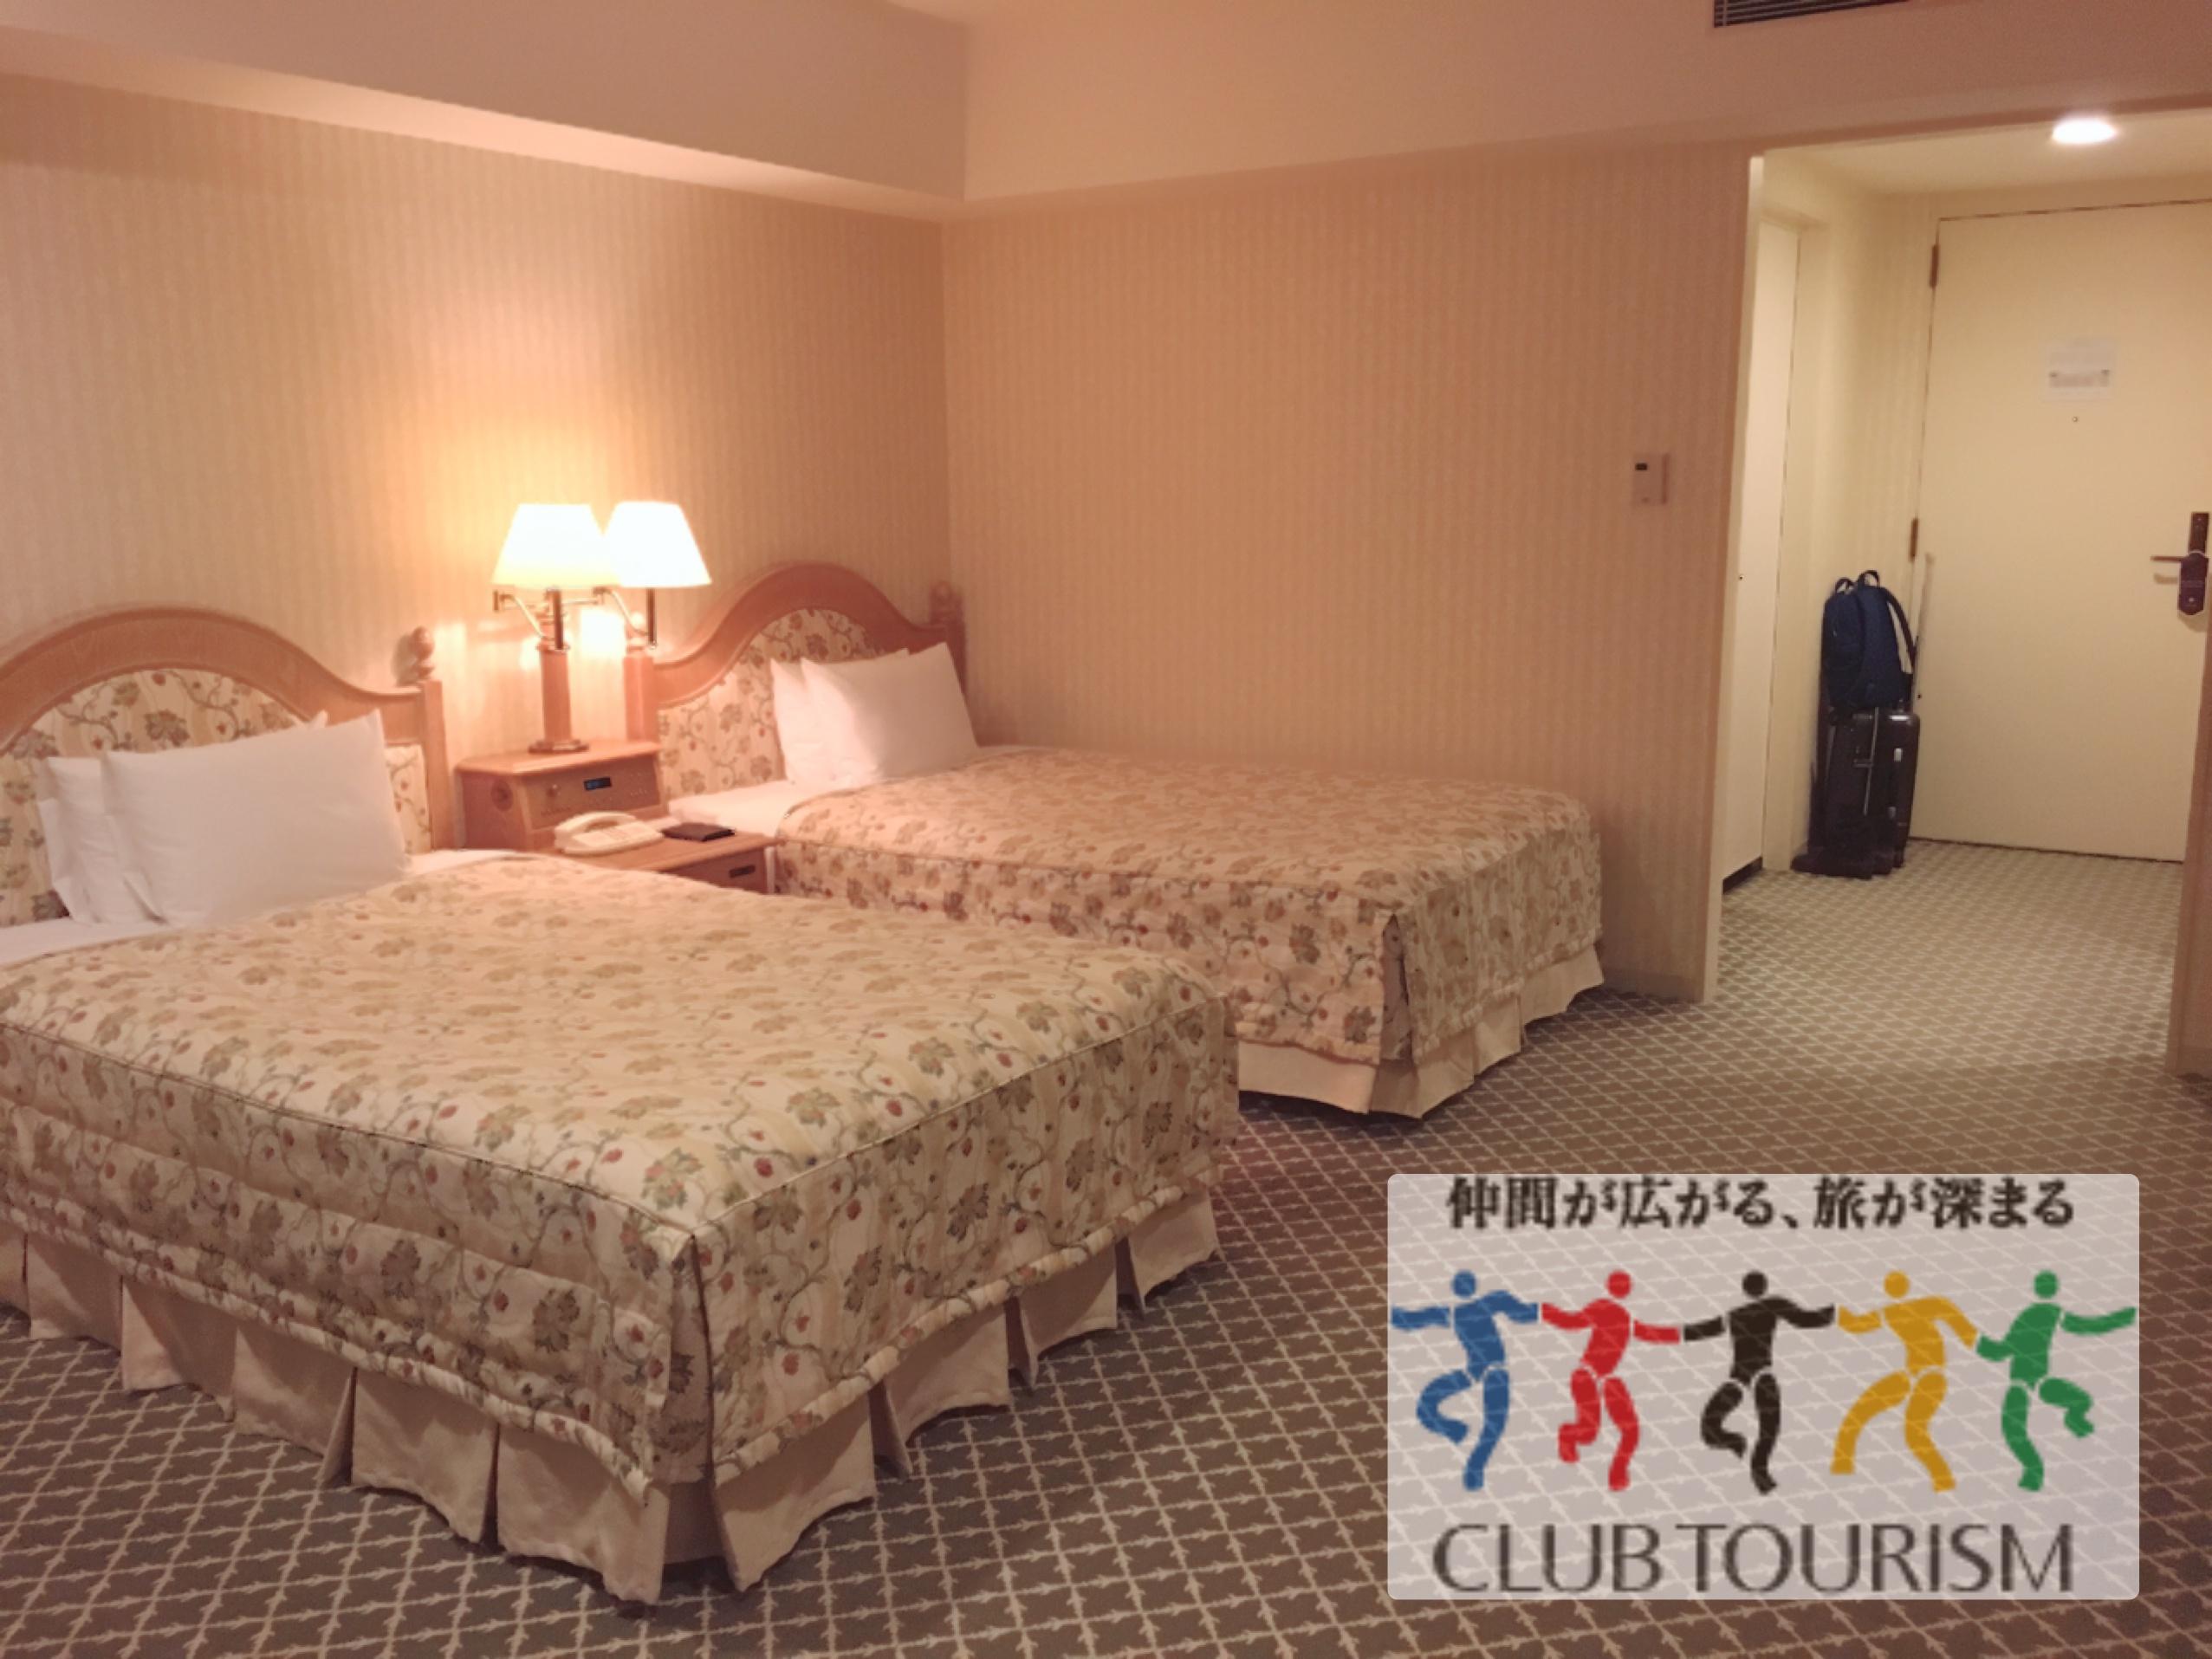 club-tourism00005